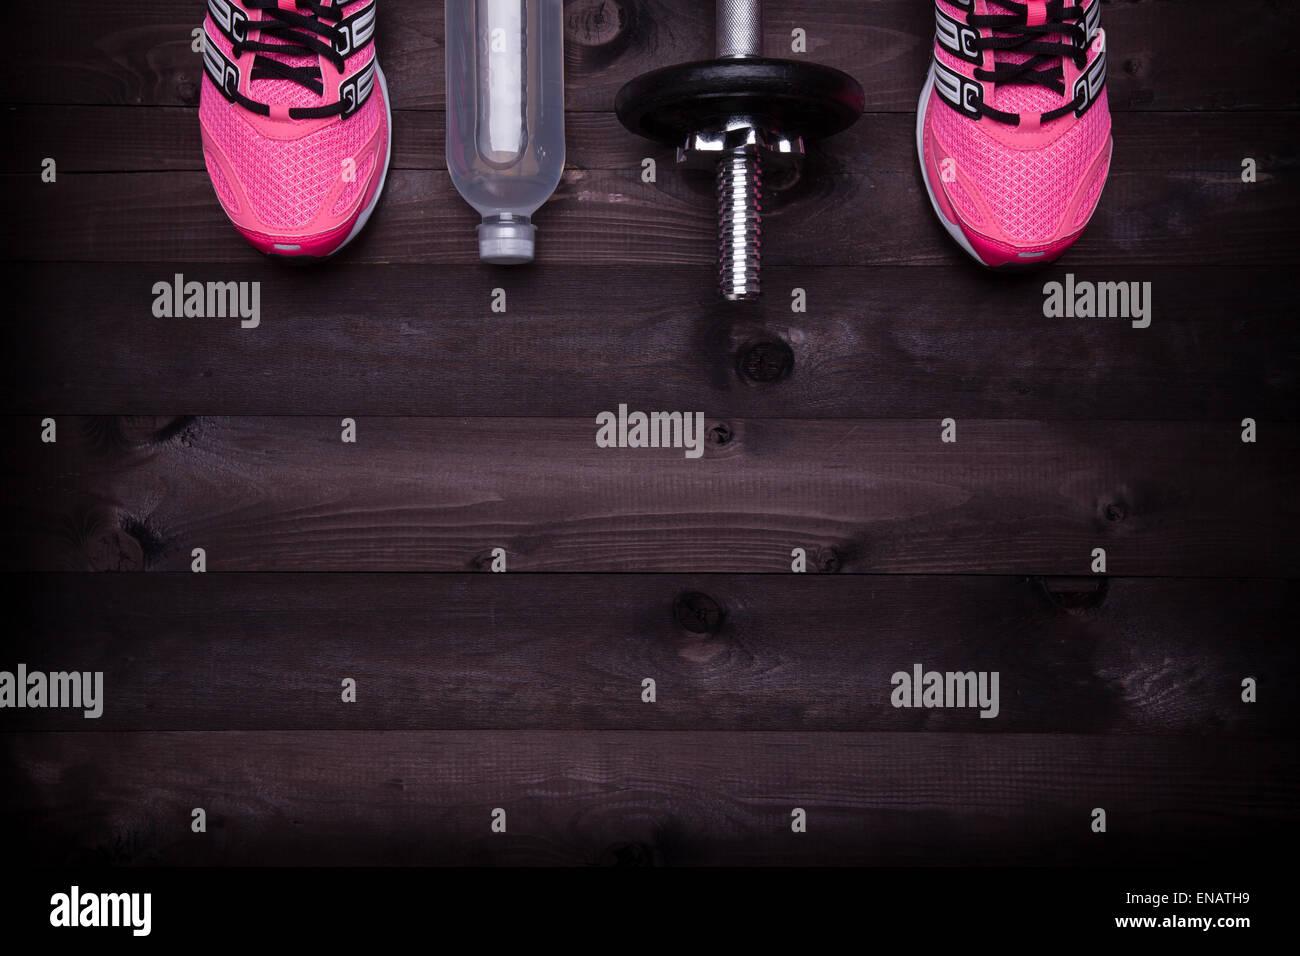 Equipamiento deportivo. Zapatillas, agua y una pesa sobre un fondo de madera negra Imagen De Stock